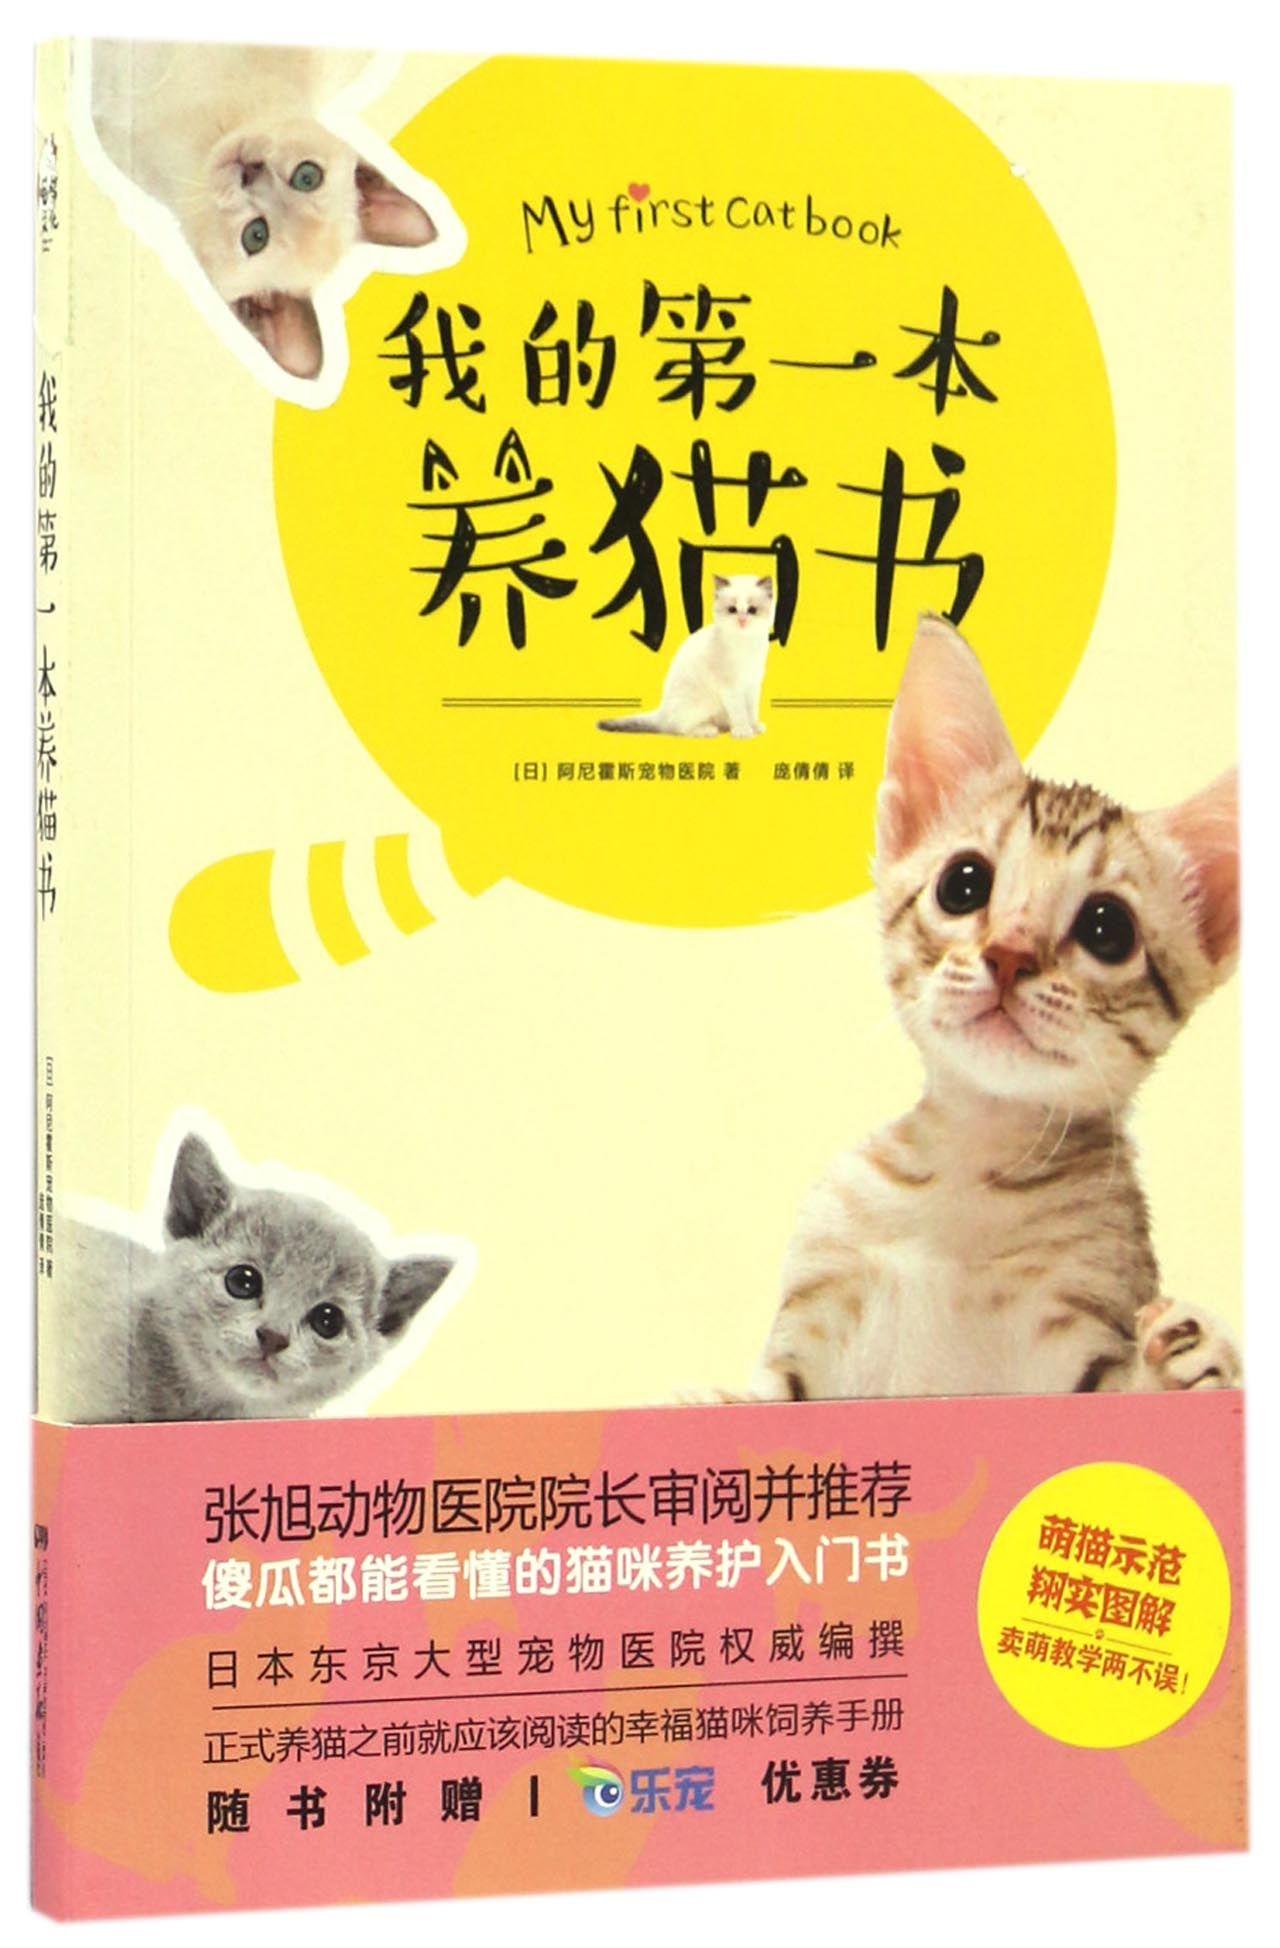 我的第一本养猫书 宠物饲养 休闲娱乐 猫咪饲养入门 (日)阿尼霍斯宠物医院|译者:庞倩倩 书籍 正版 中国画报出版社